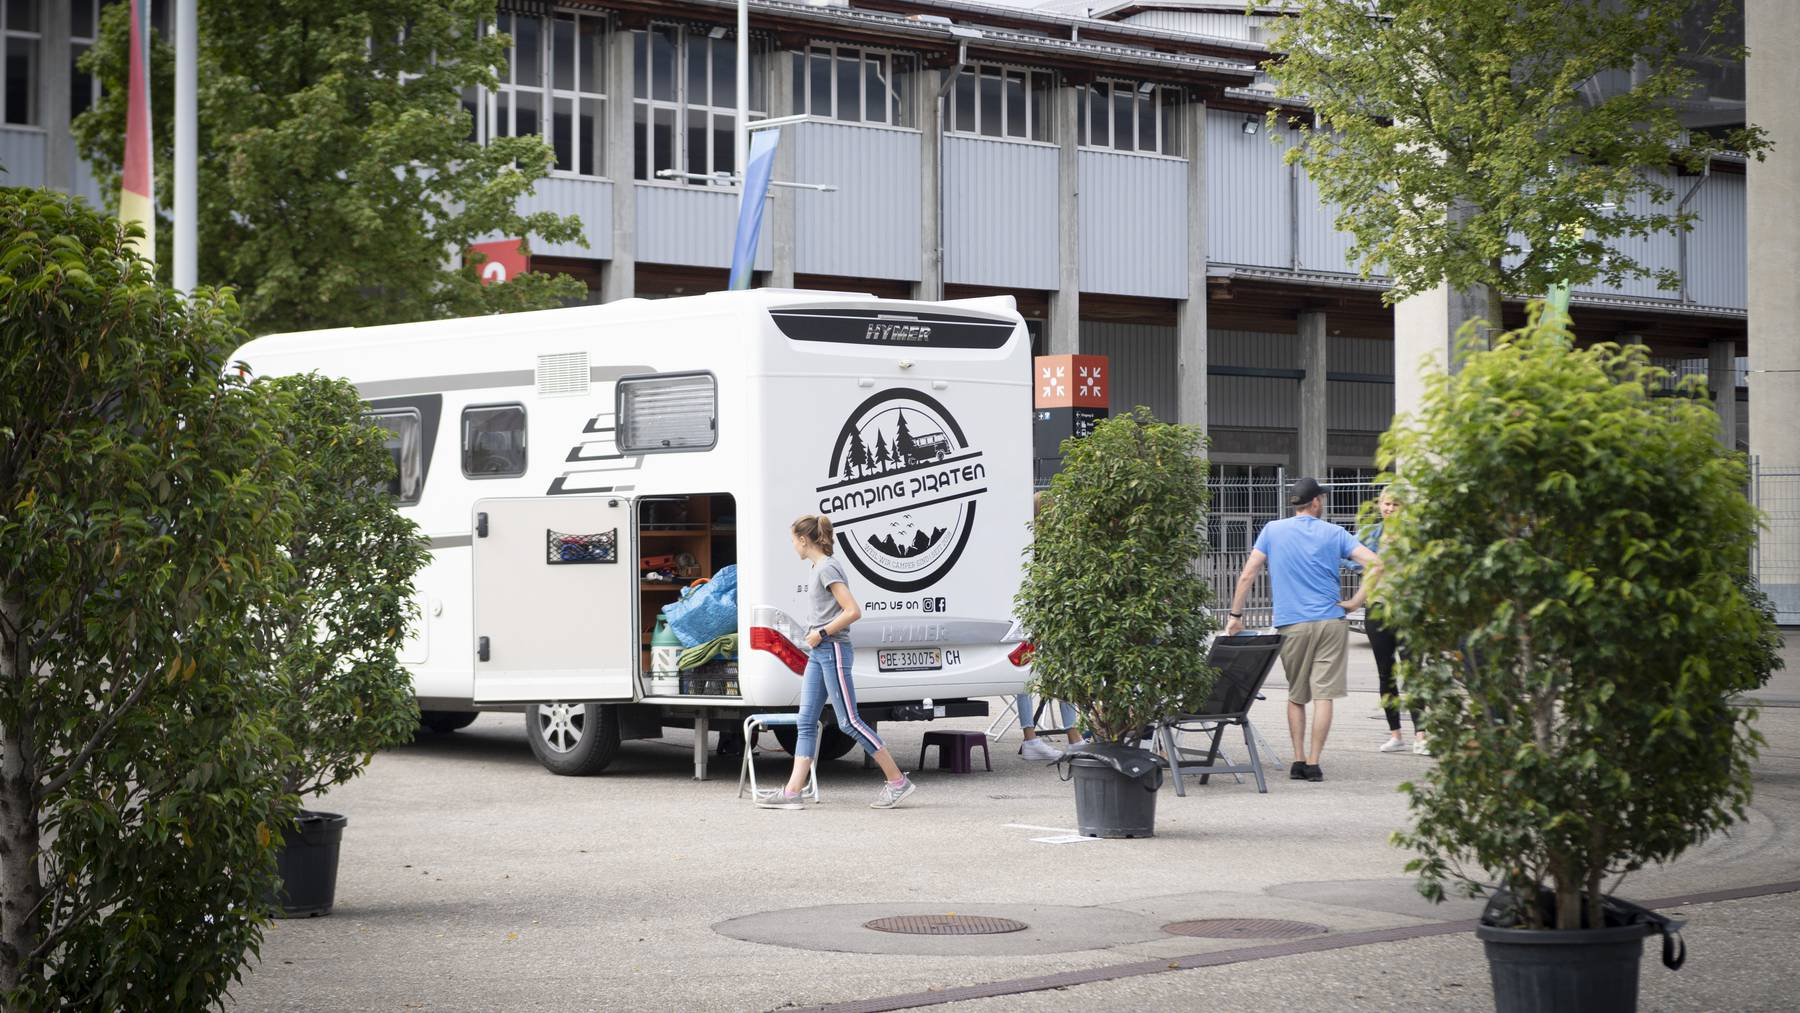 camping olma